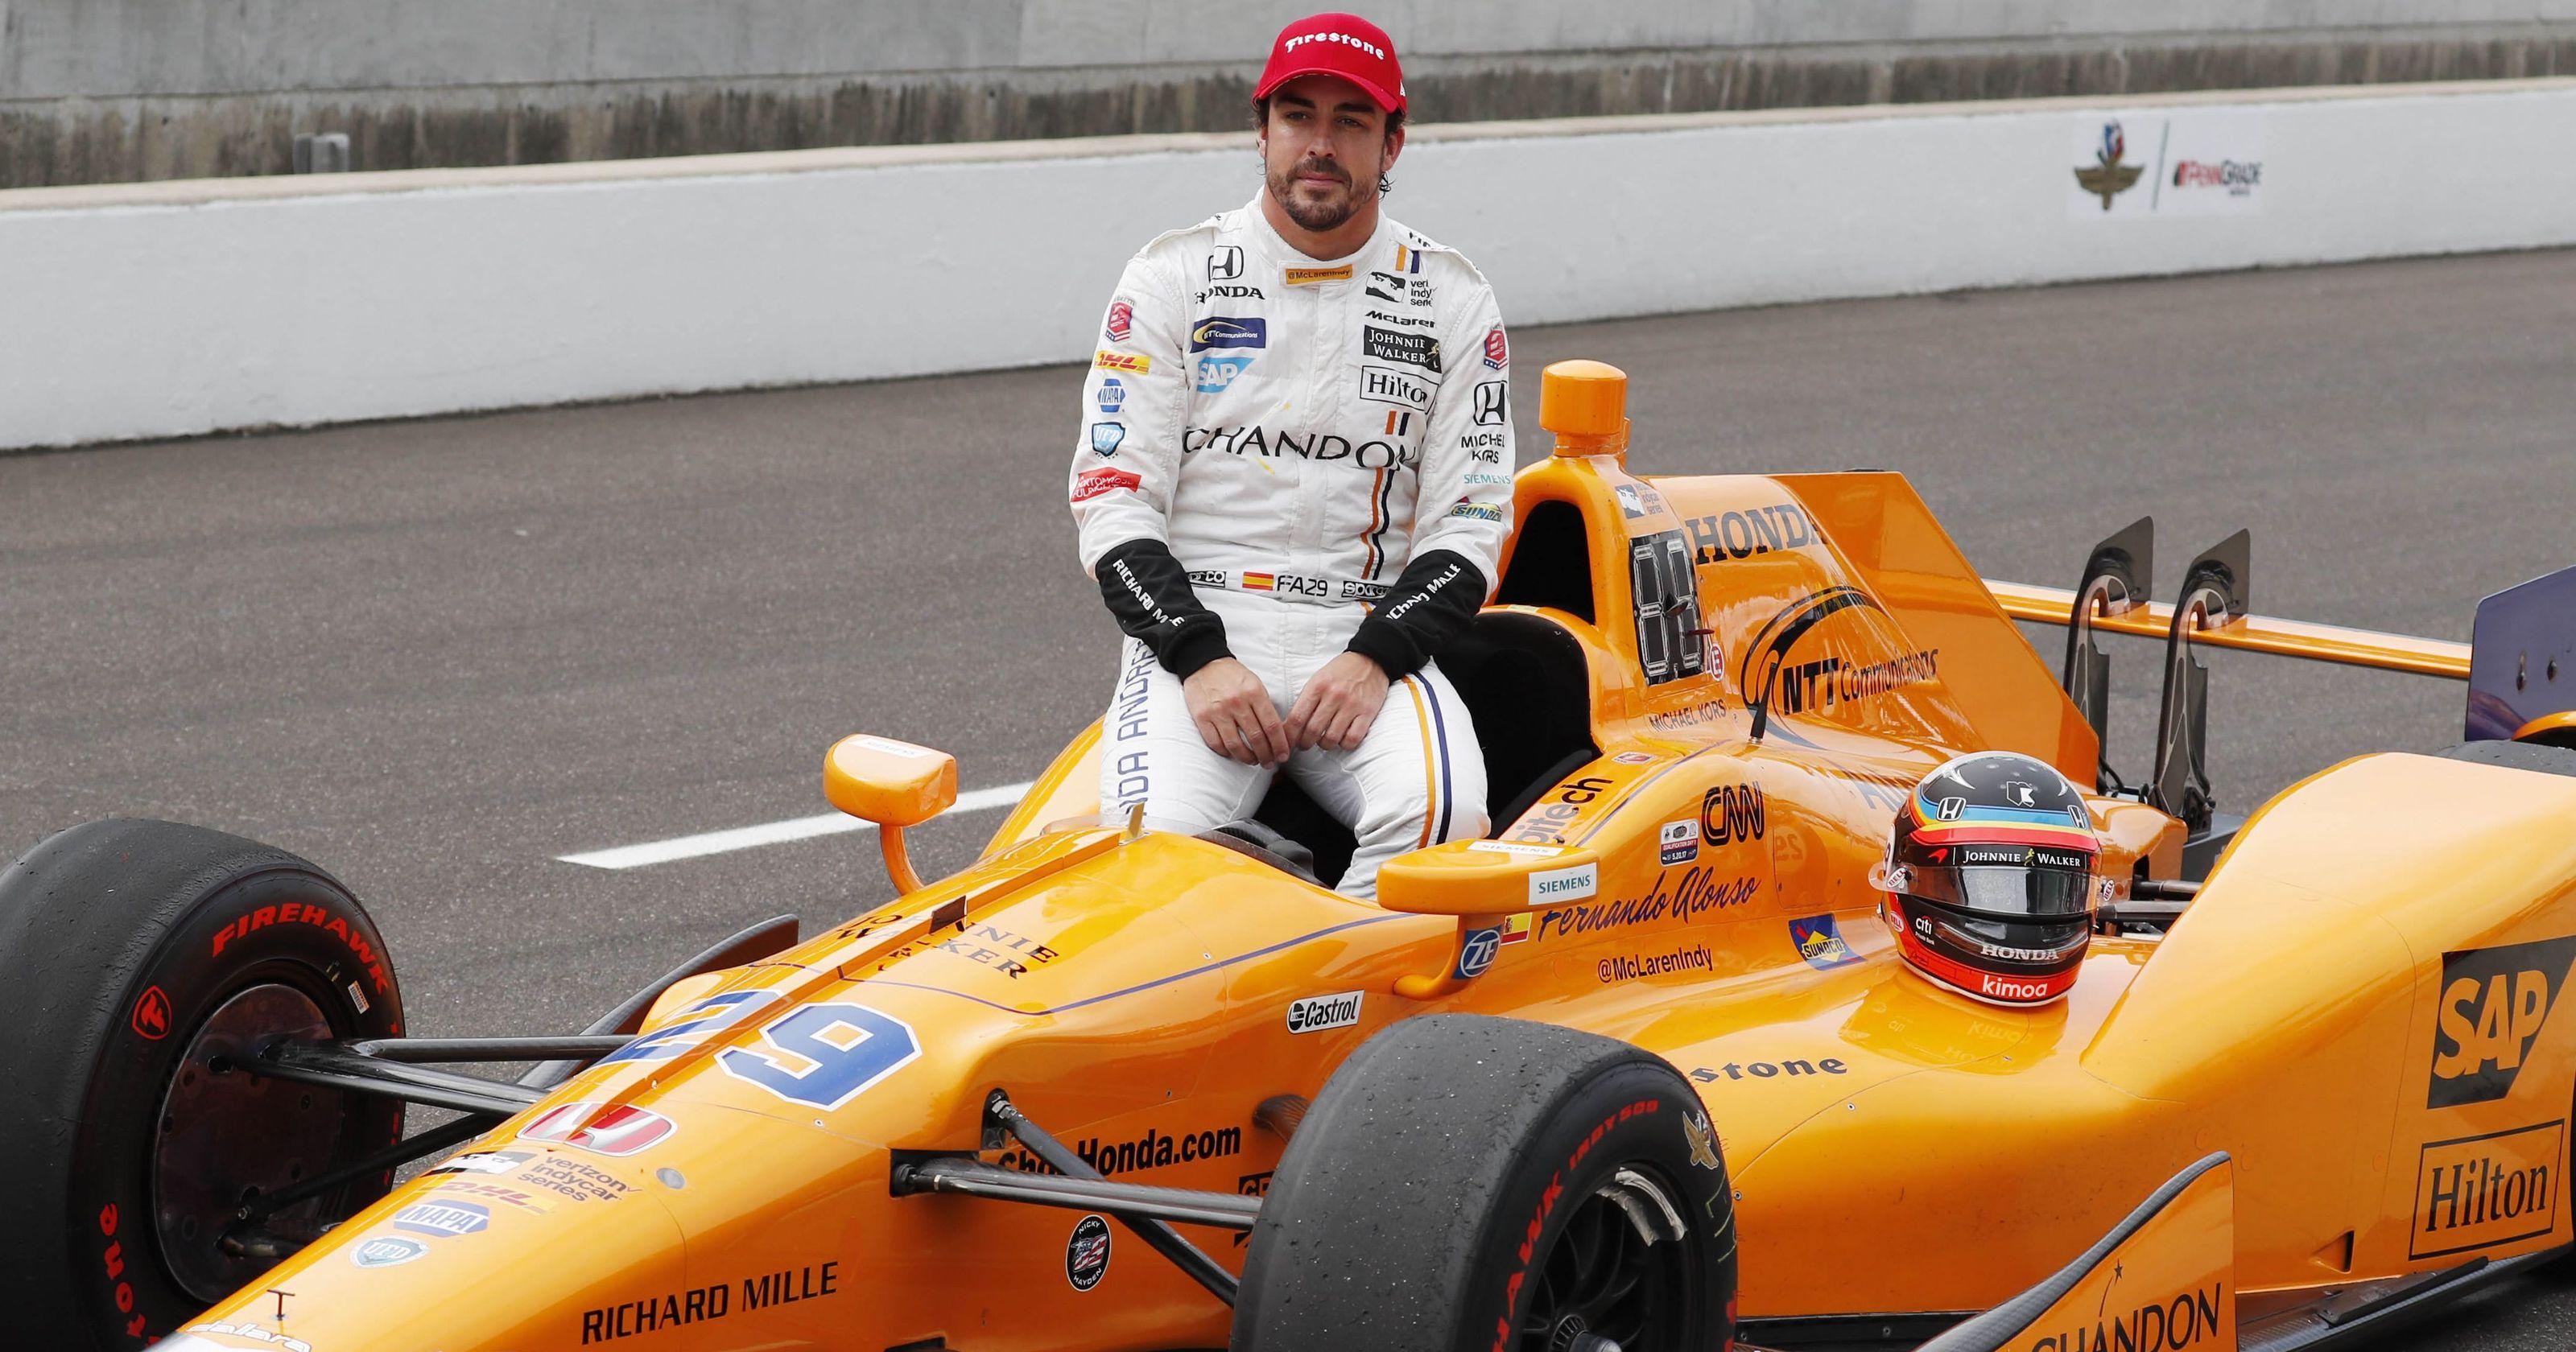 HIVATALOS: A McLaren és a Carlin partnerkapcsolatot létesít az Indy 500-on